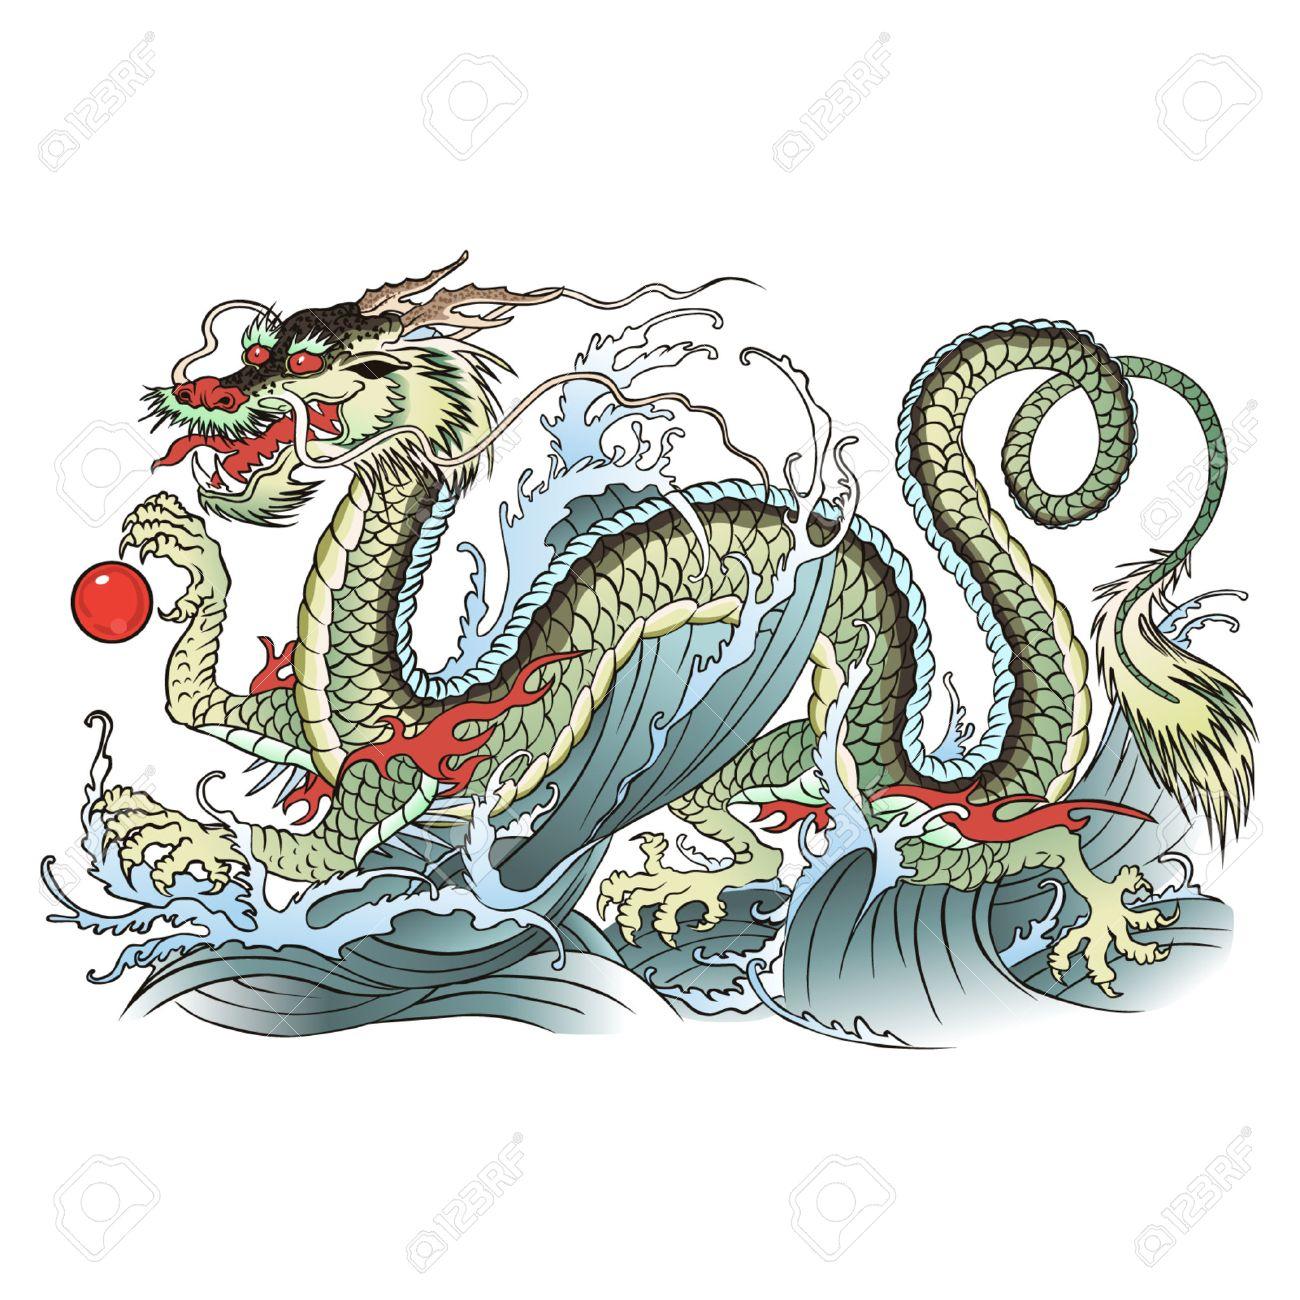 eastern water dragon - 39342011